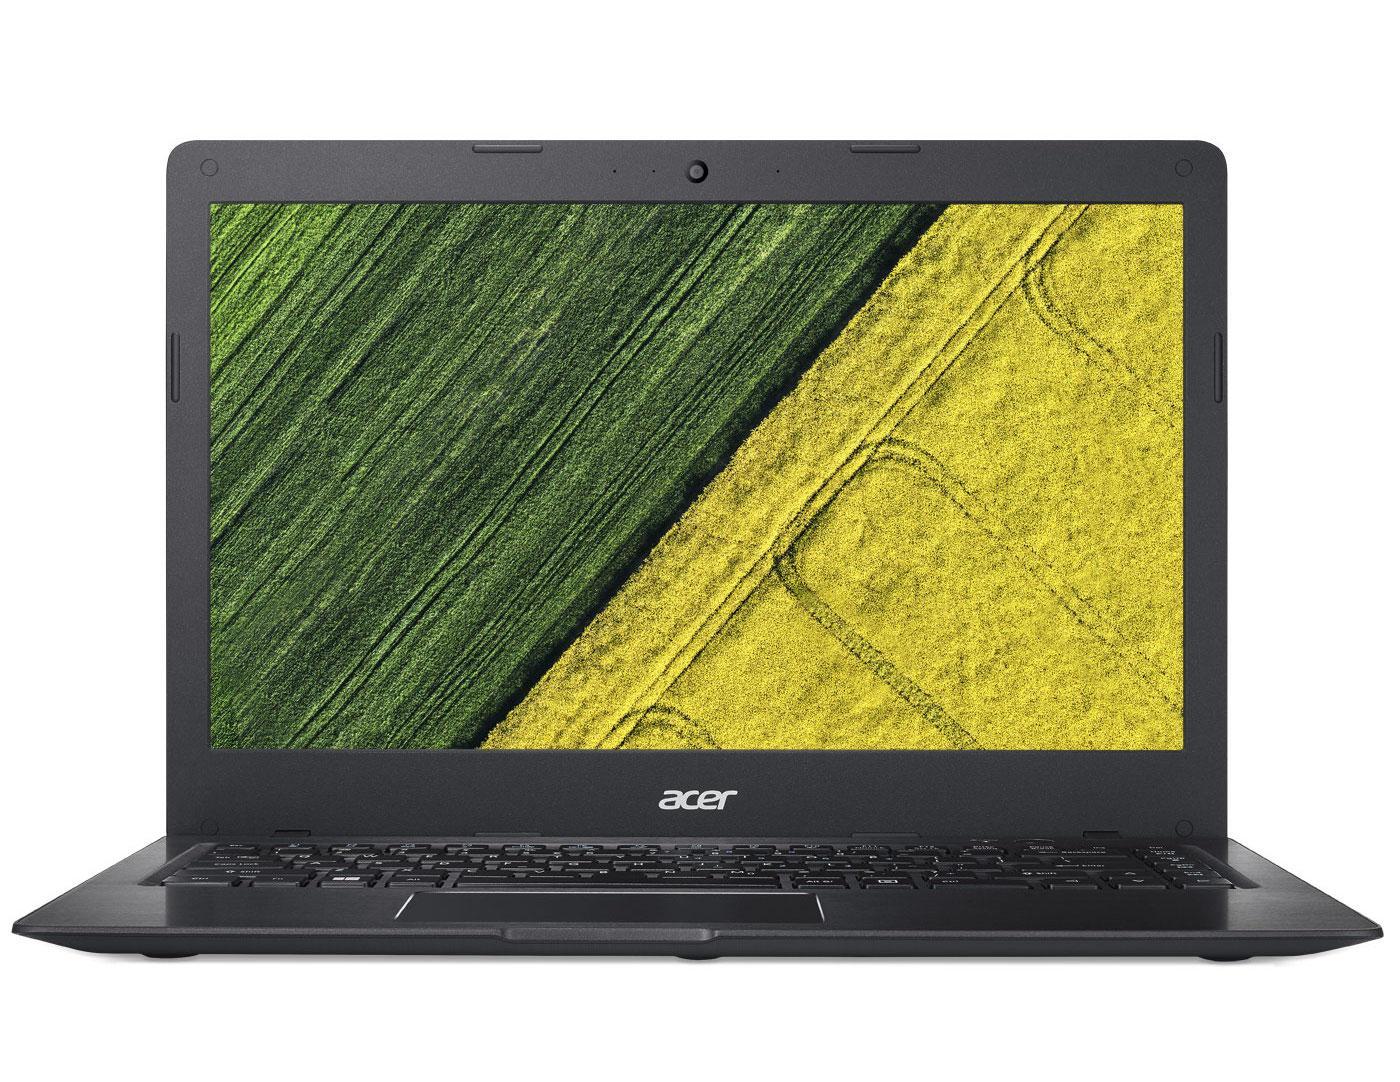 Image du PC portable Acer Swift 1 SF114-31-P6BW Noir